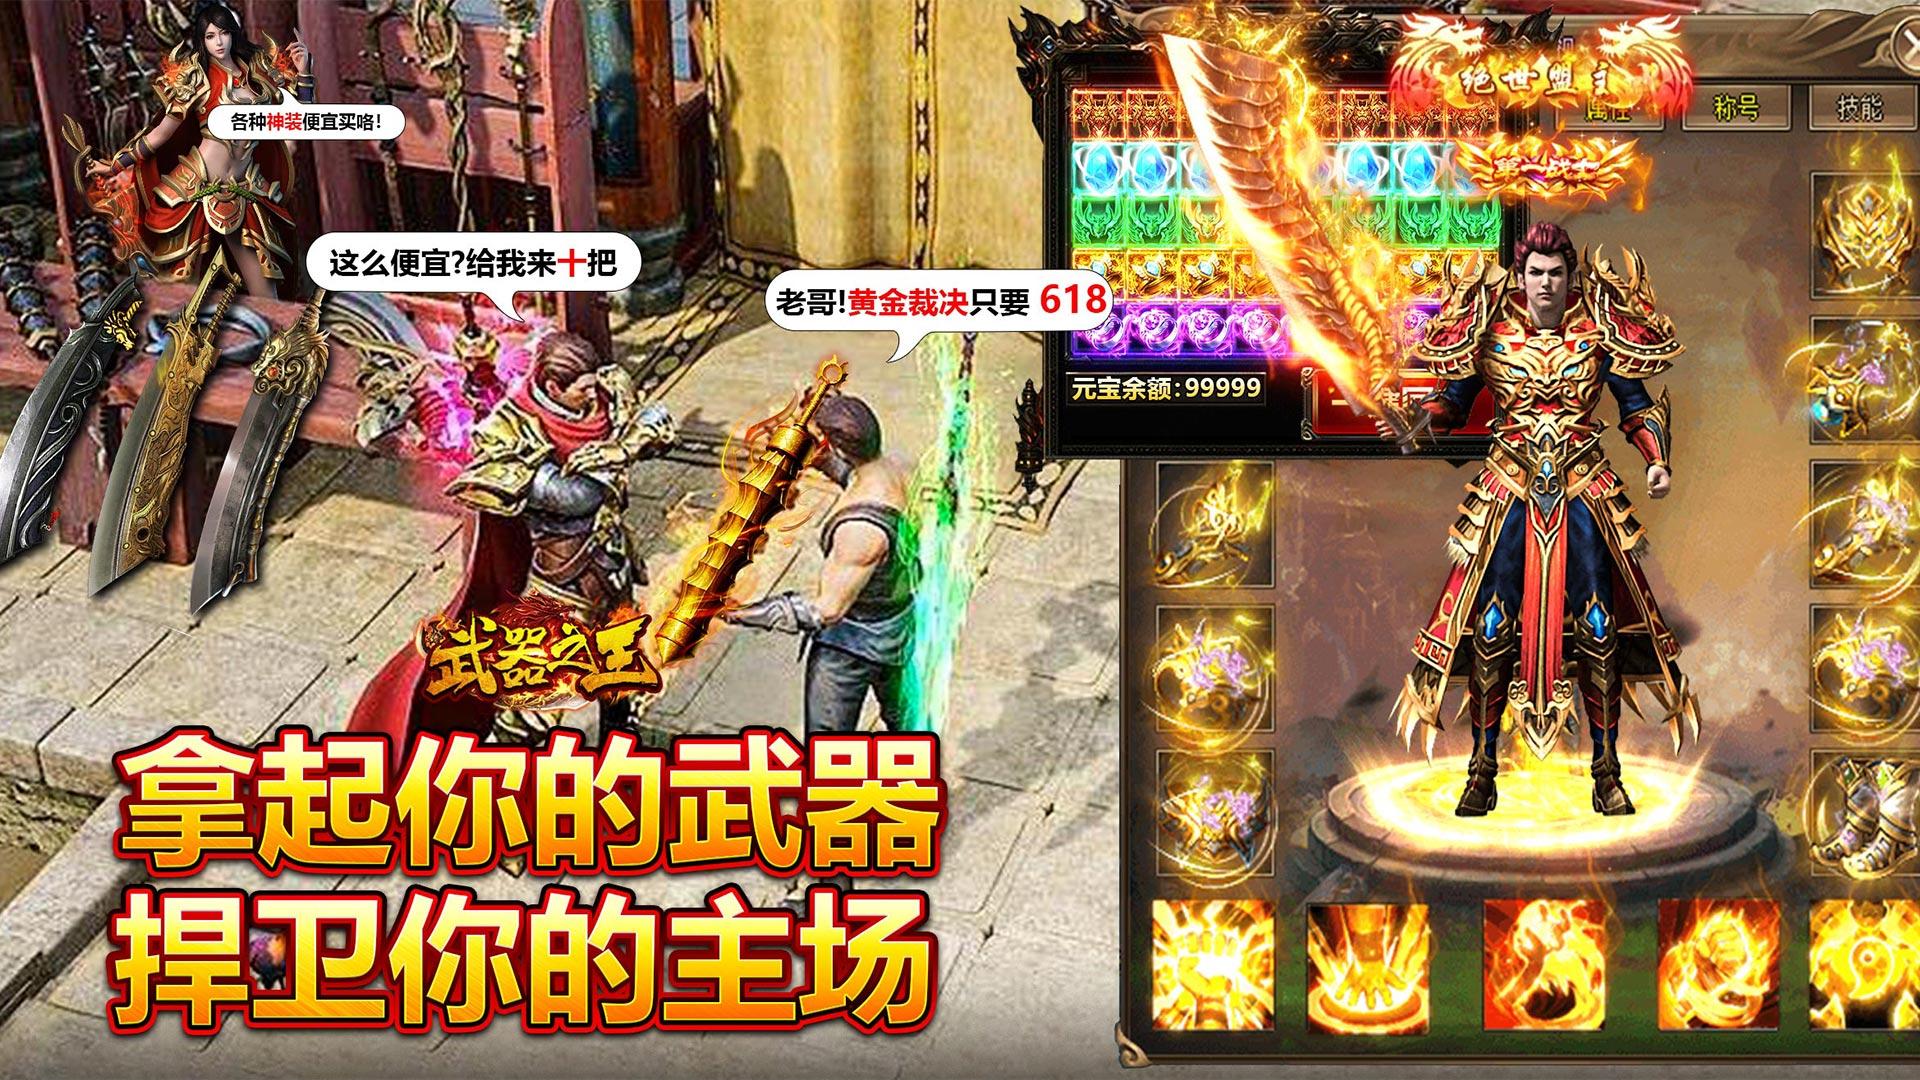 《武器之王(满屏爆装)》上线送VIP10,50万福利钻石,500万元宝